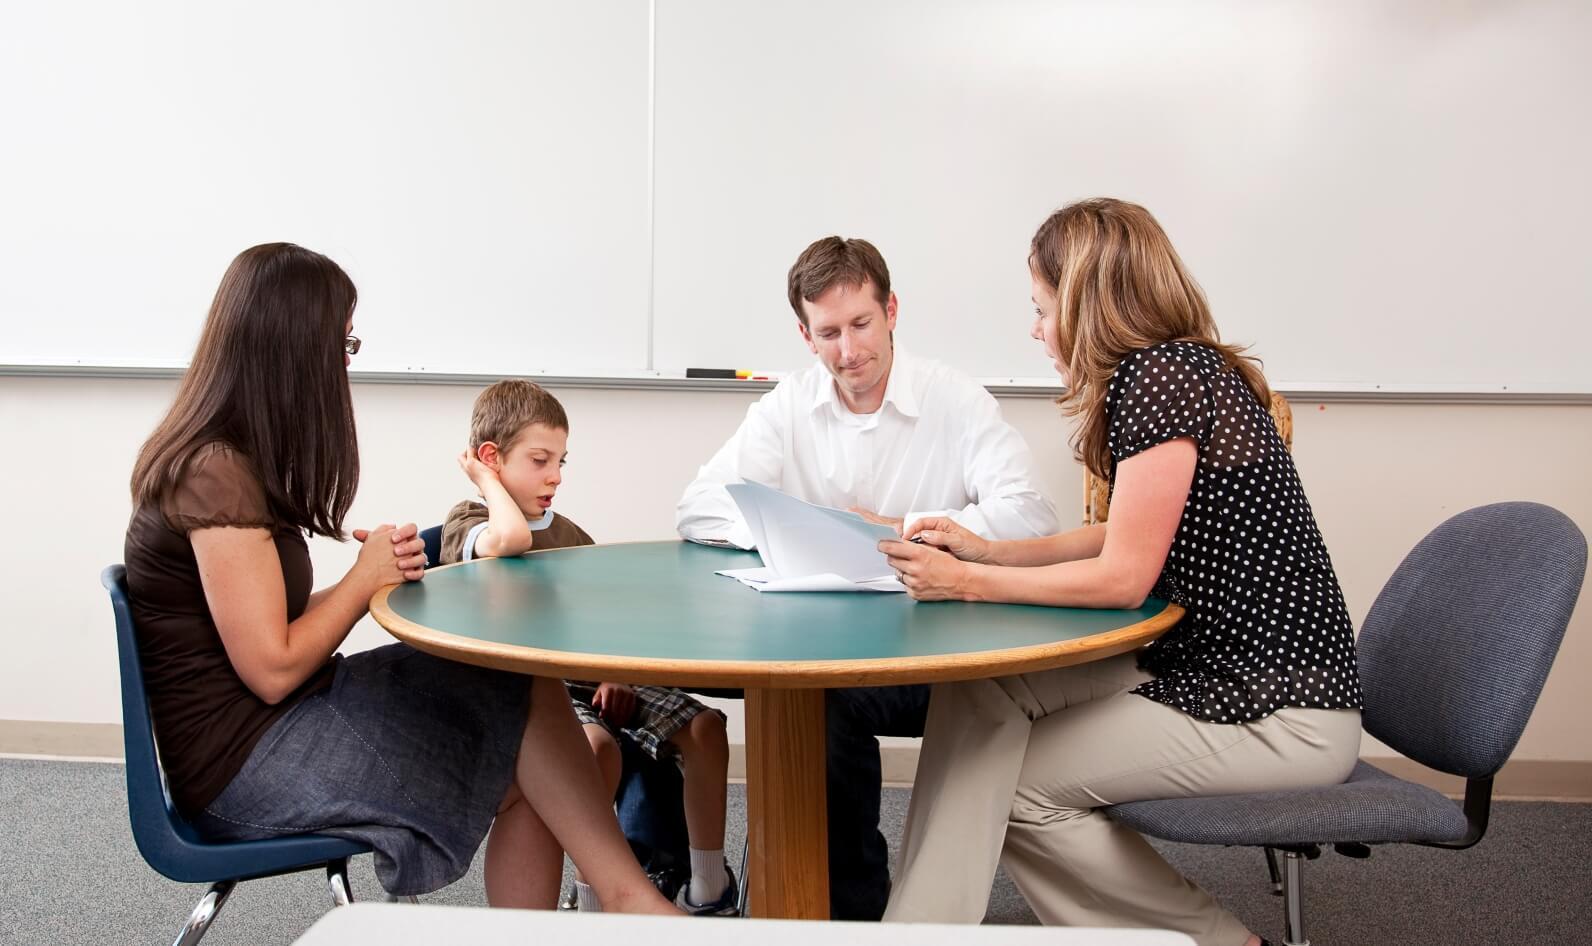 Cần có sự liên kết chặt chẽ giữa phụ huynh và trung tâm anh ngữ trong quá trình học tập của trẻ